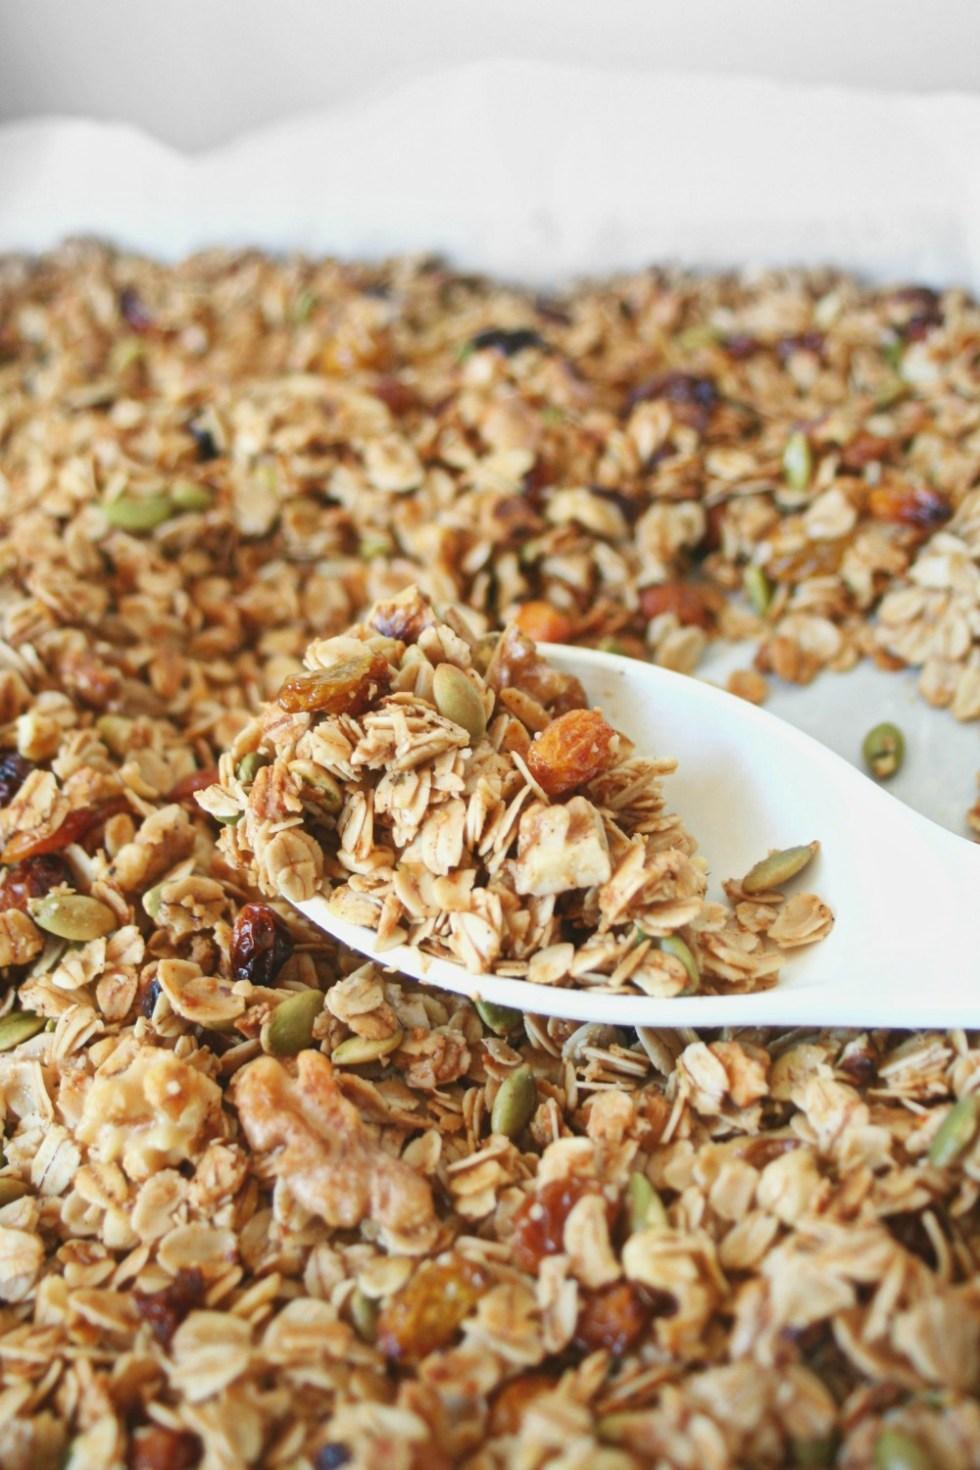 Homemade Granola Tray 4